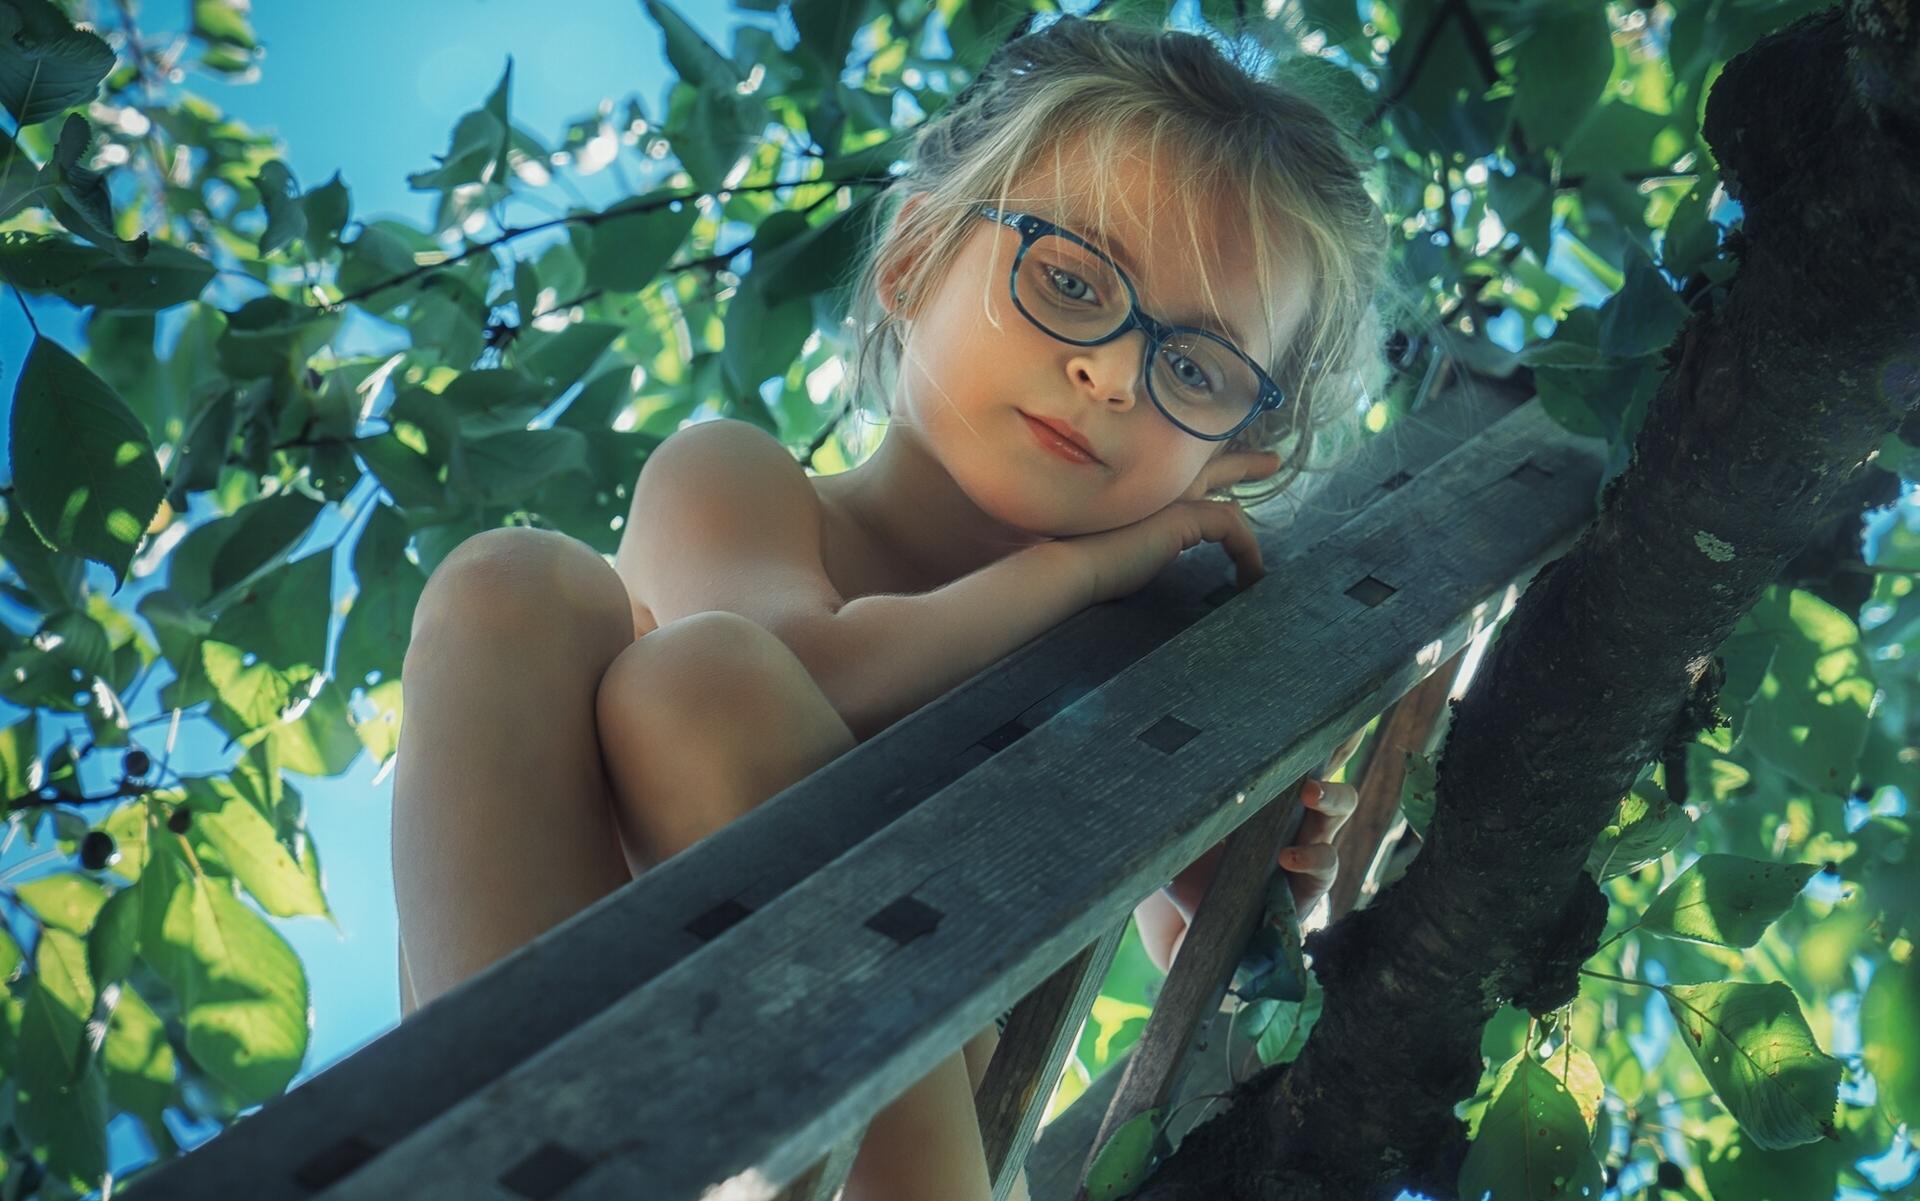 Бесплатные Фото Голых Маленьких Девочек